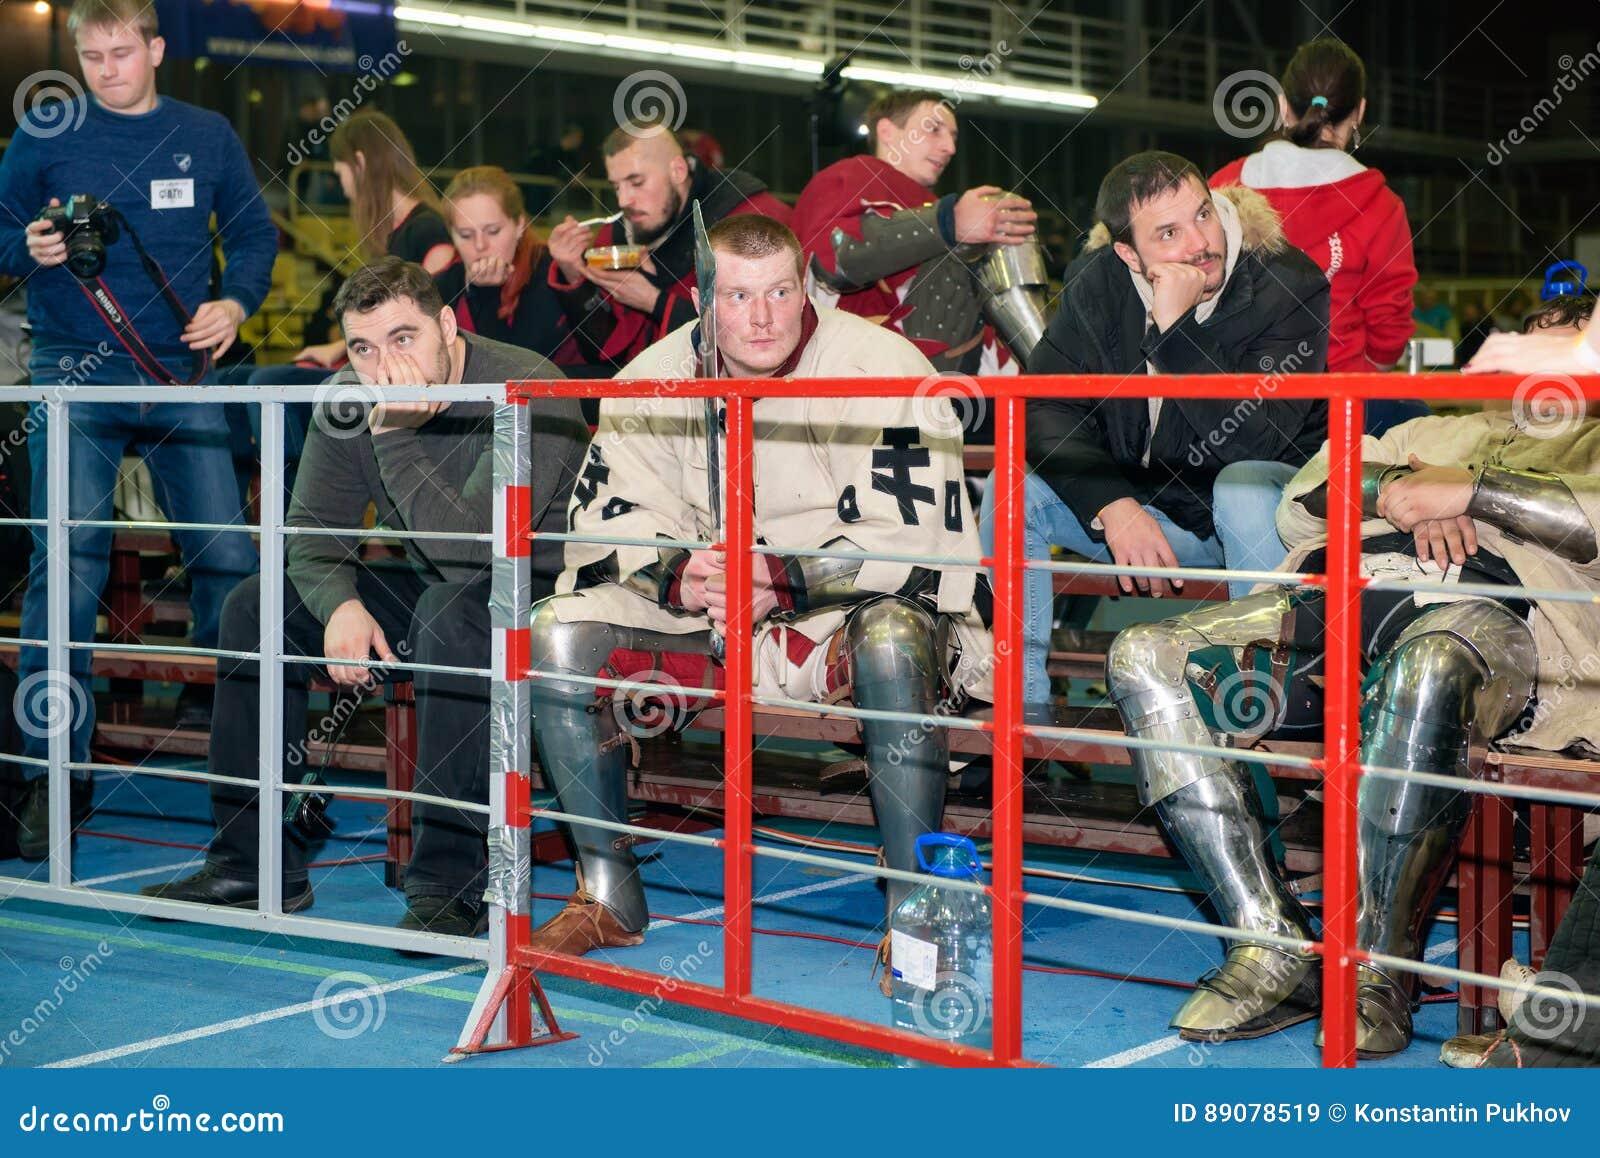 Spectators are also in armor